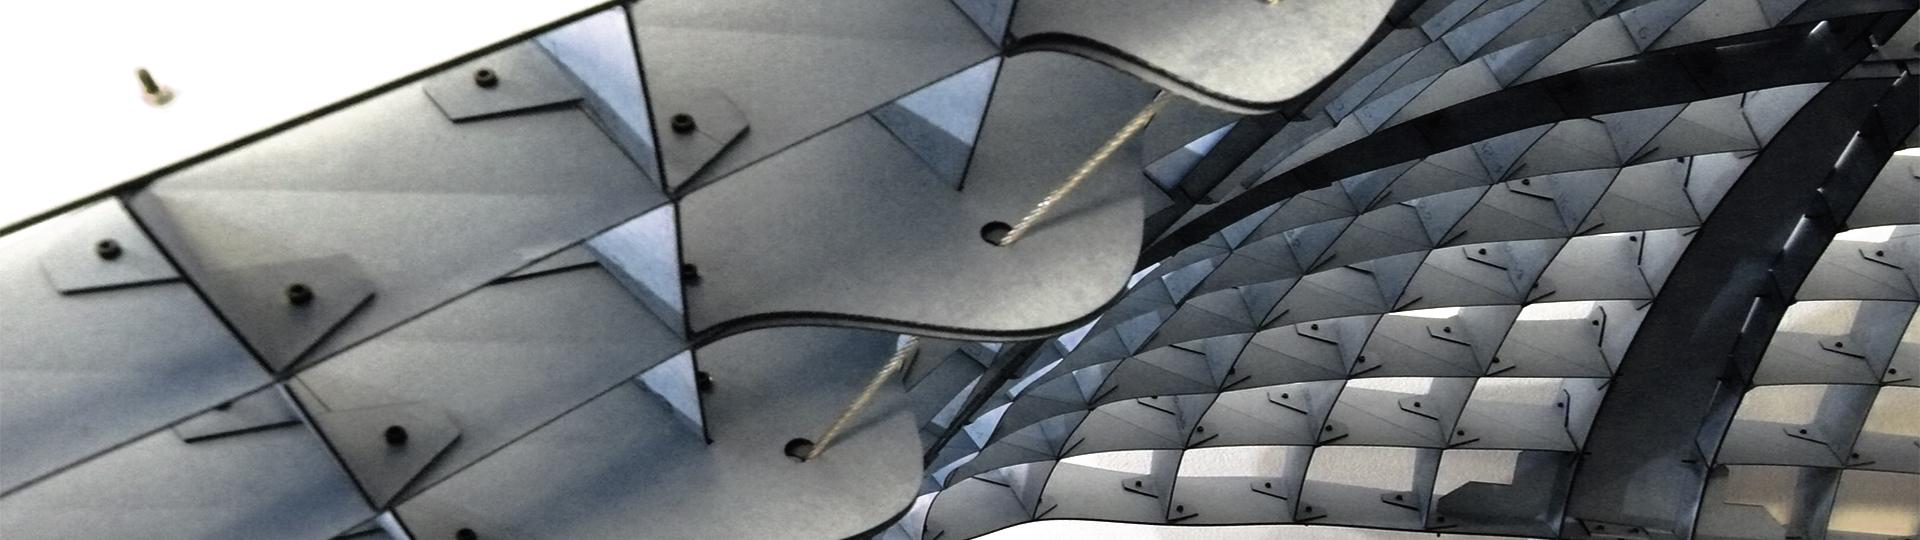 MArch Studio P7/P9 2011 | Concevoir et construire à l'ère de l'information